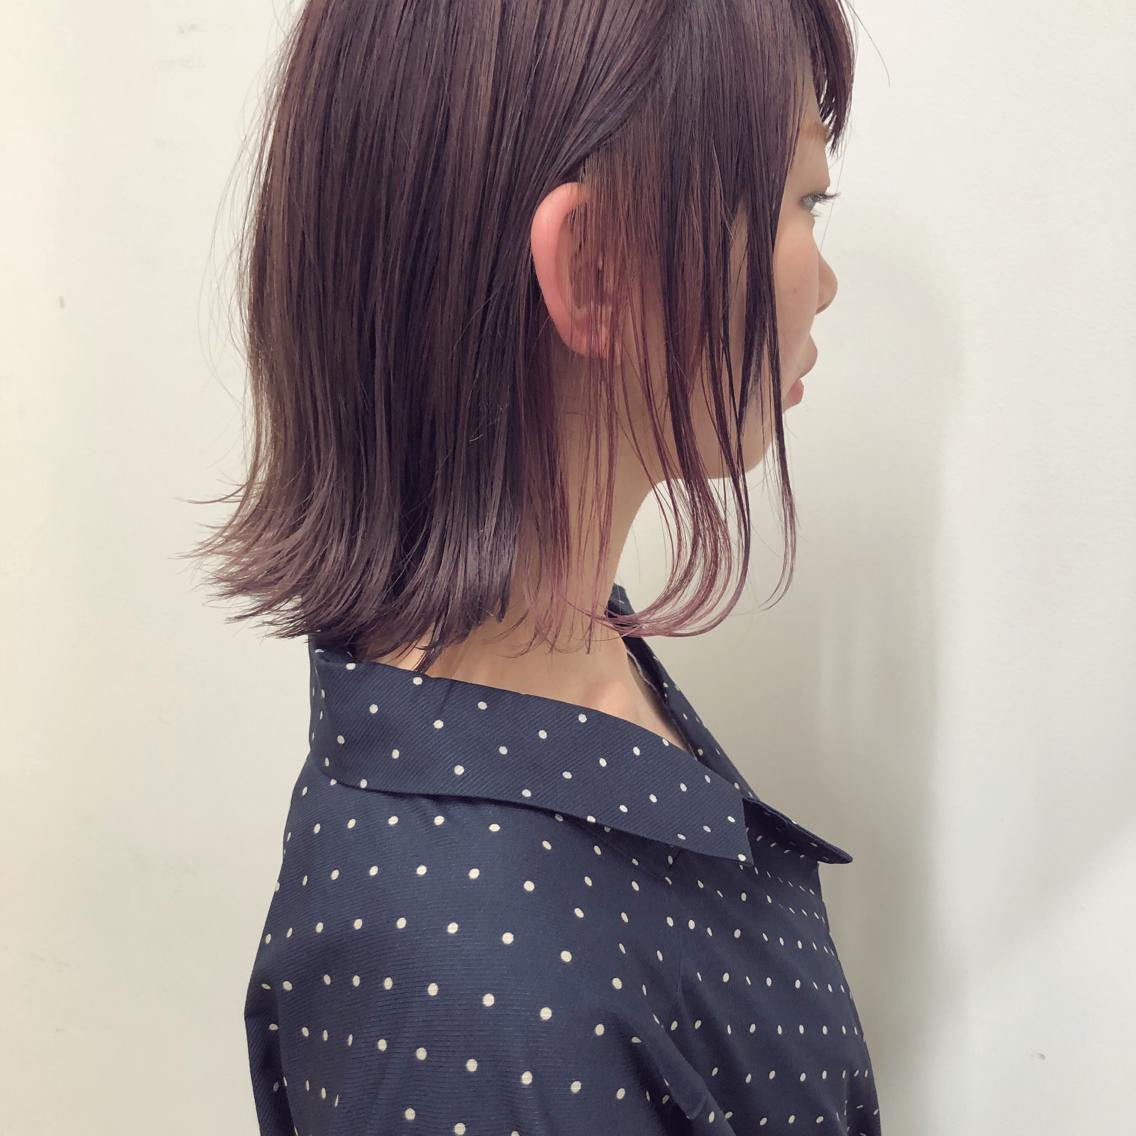 #ショート #カラー #パーマ #ヘアアレンジ 【パープルグレージュ×インナーカラー】  Instagramにもヘアスタイル載せてますので是非♪♪ ⬇︎⬇︎ yuuki_matsui_